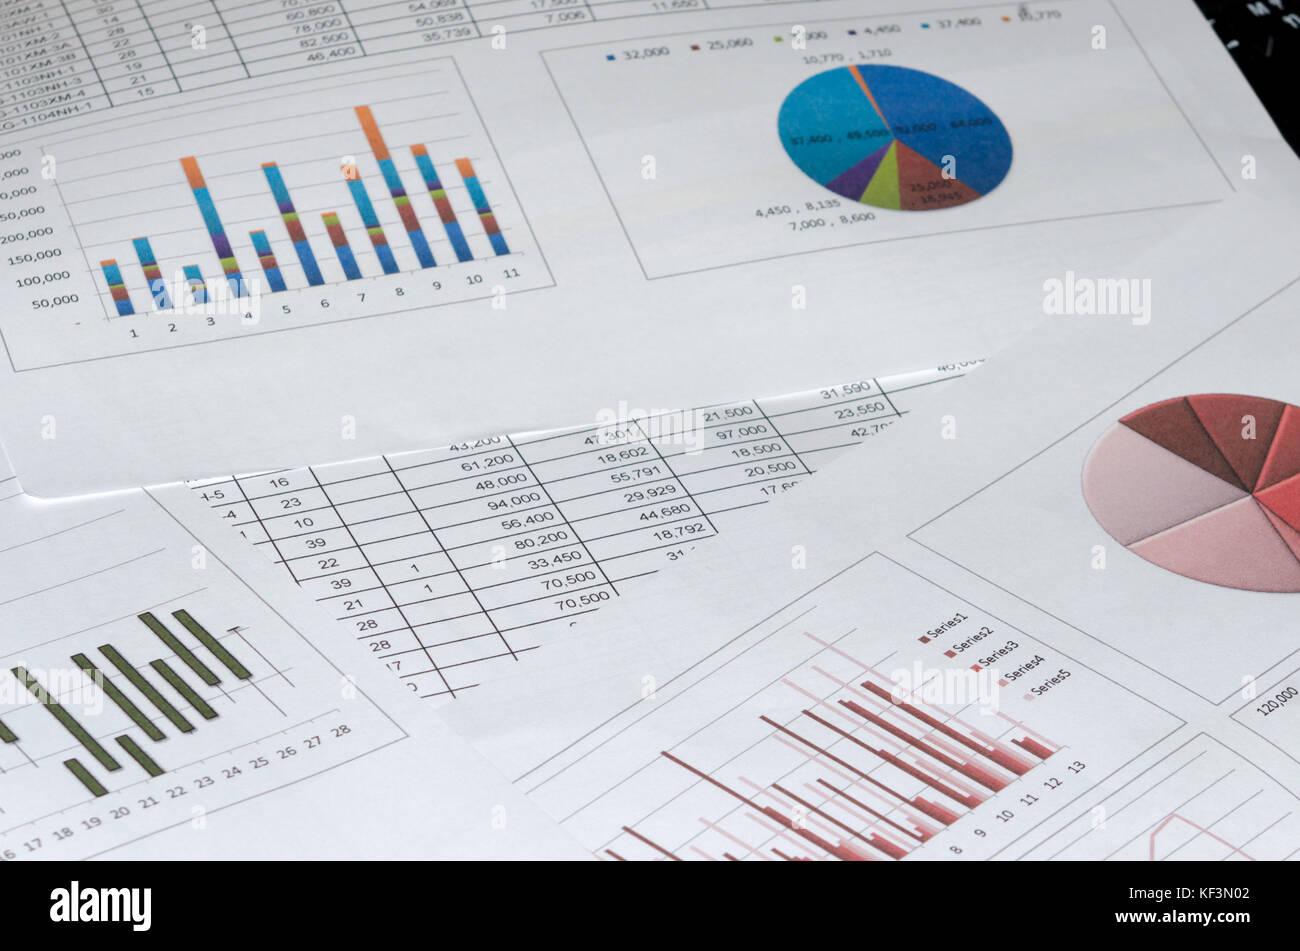 Documento grafico e grafici sulla scrivania. Immagini Stock